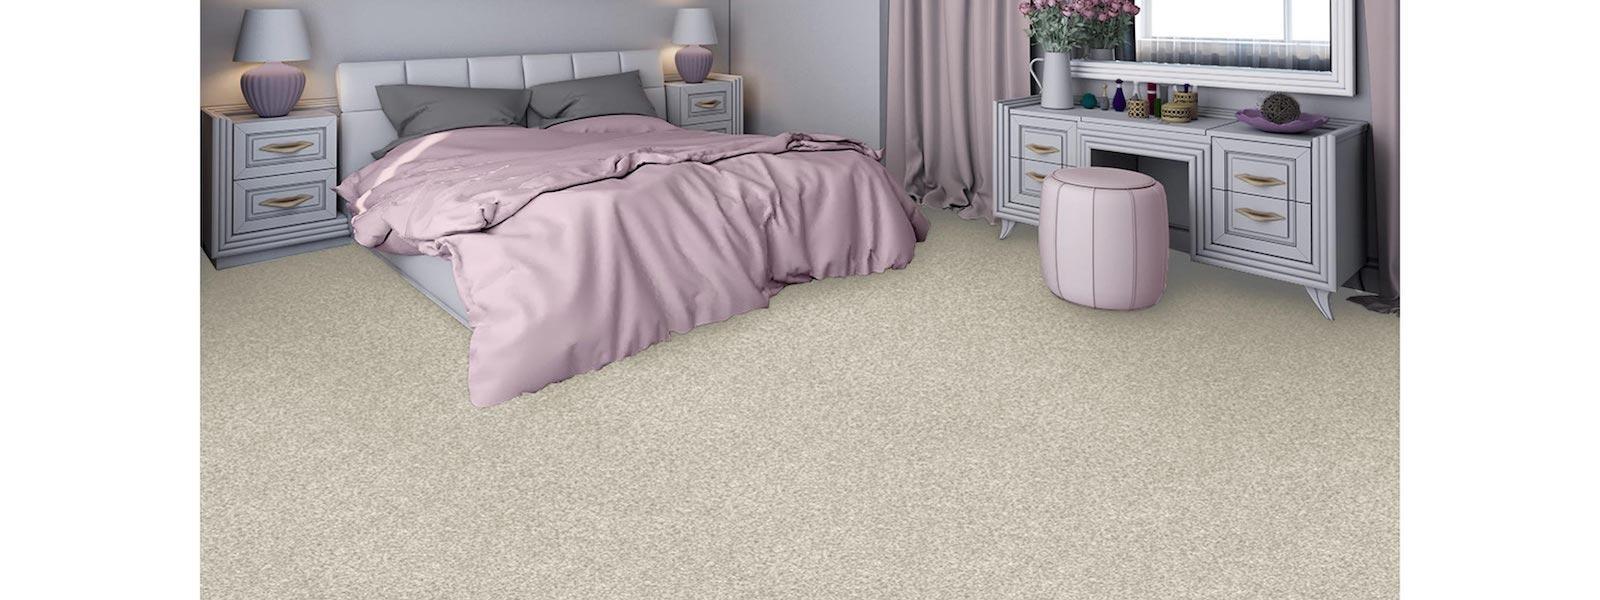 bedroom cream carpet